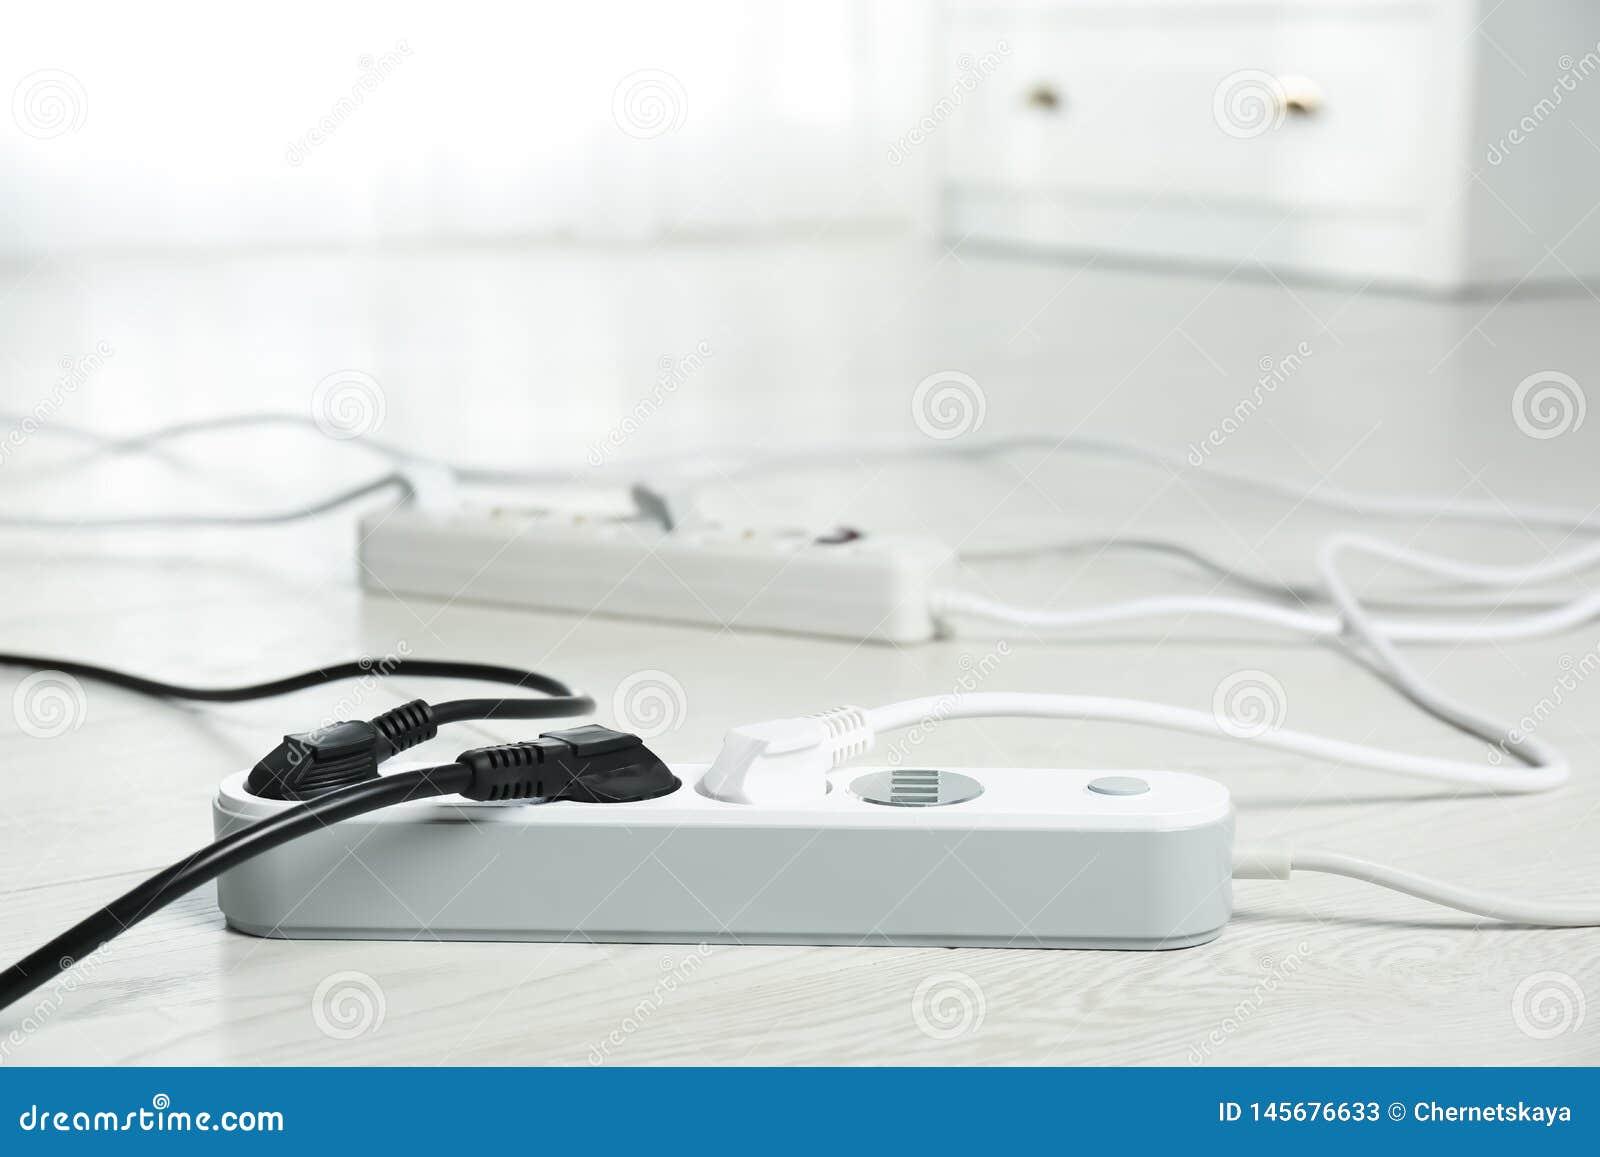 Σκοινιά επέκτασης στο πάτωμα στο εσωτερικό Επαγγελματικός εξοπλισμός ηλεκτρολόγου